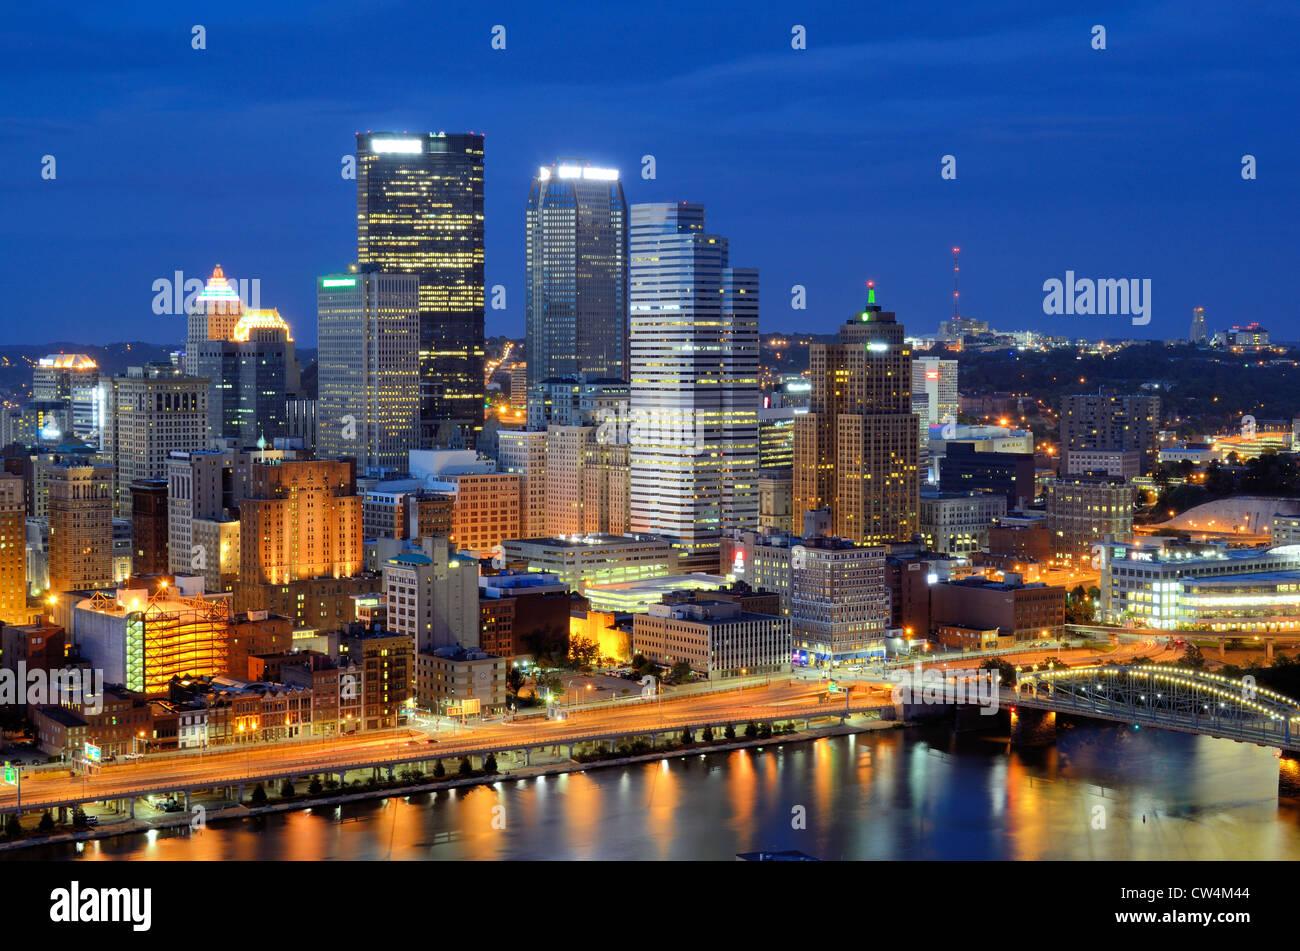 Grattacieli nel centro di Pittsburgh, Pennsylvania, USA. Foto Stock